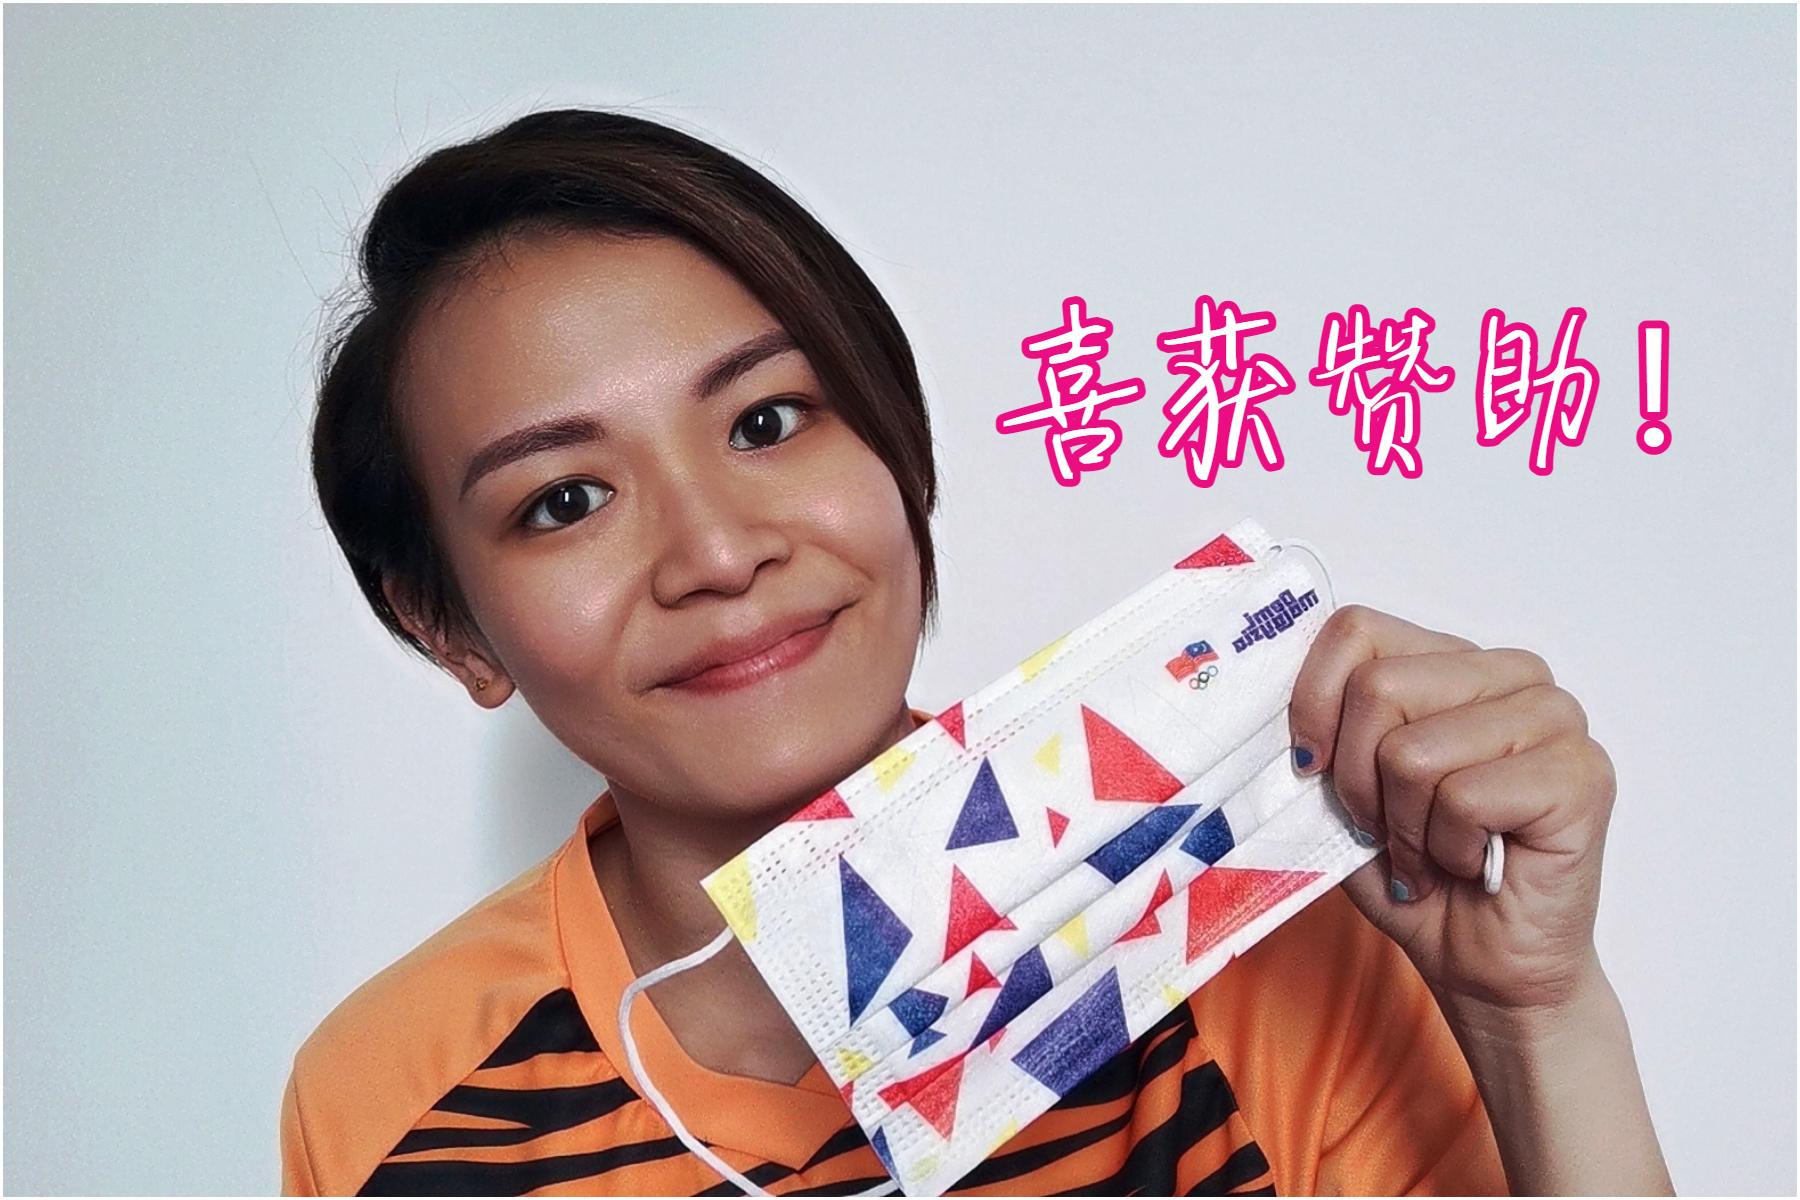 获Simply K口罩商赞助,张俊虹表示让这次征东奥信心倍增!-Simply K提供-